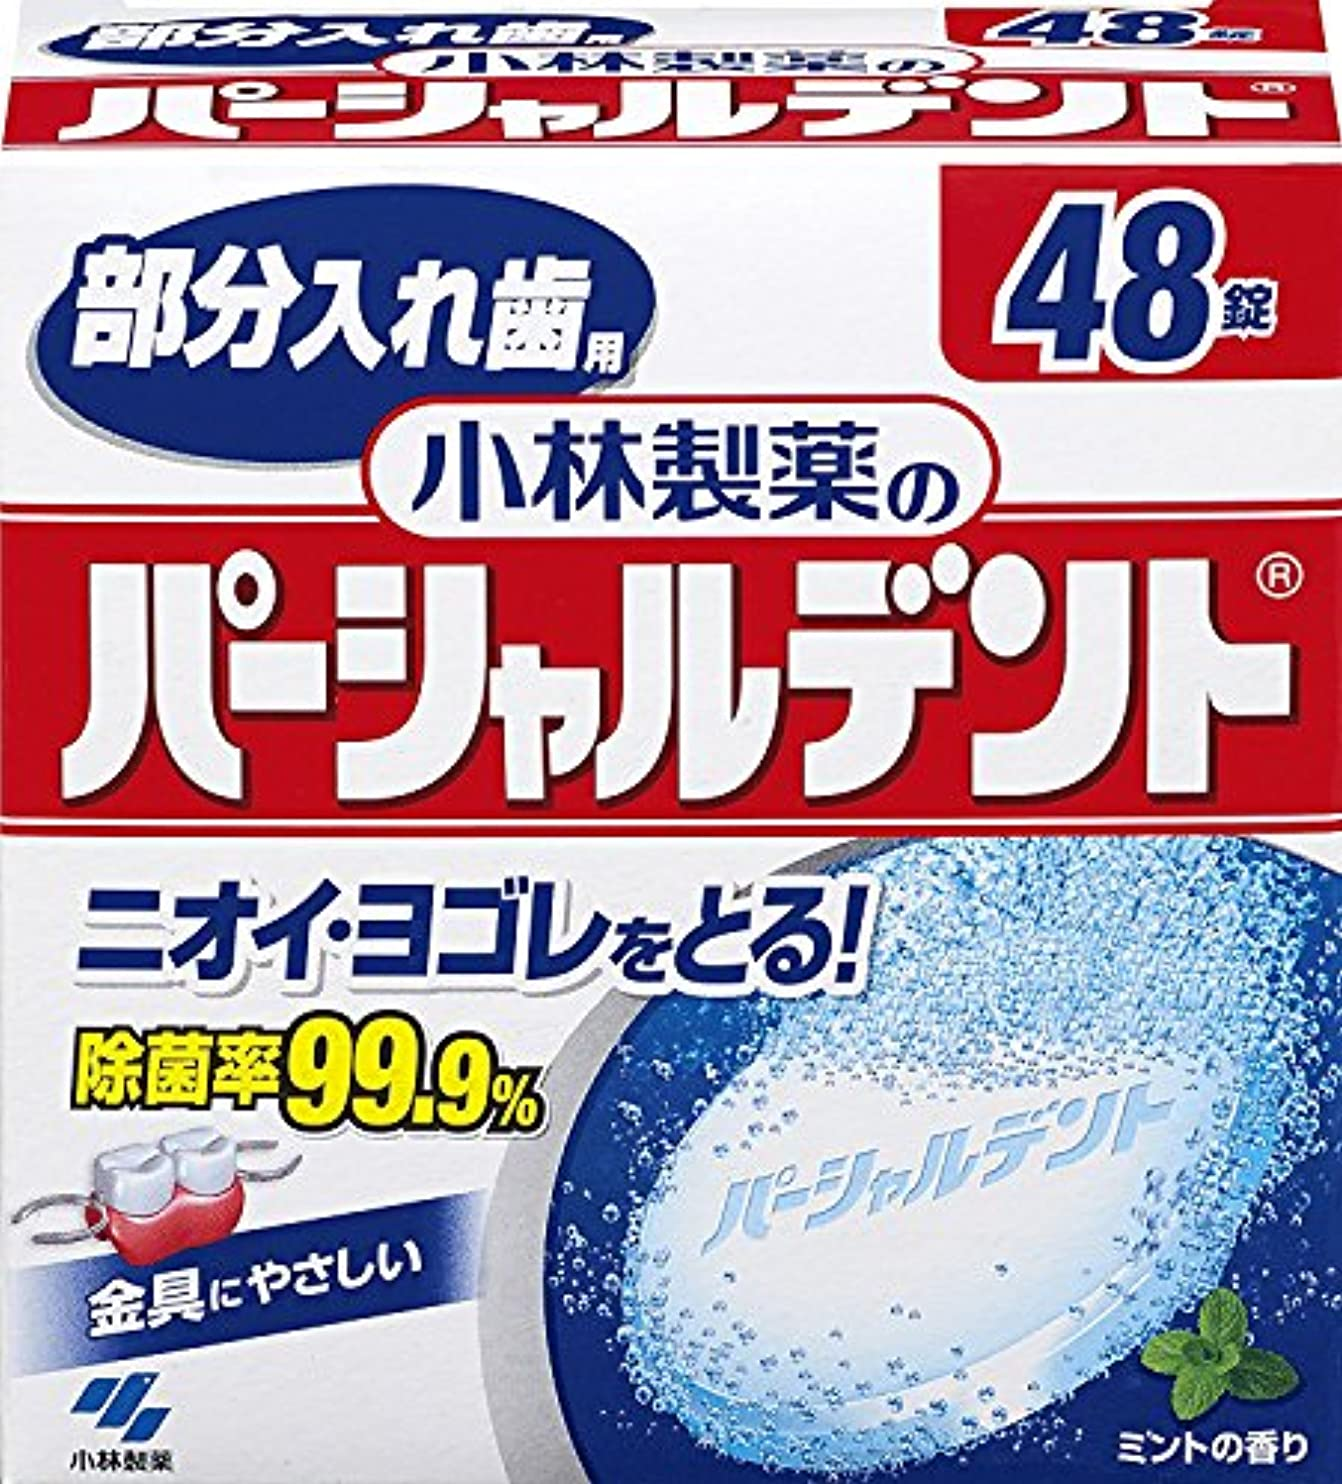 とても承認資料小林製薬のパーシャルデント 部分入れ歯用 洗浄剤 ミントの香 48錠